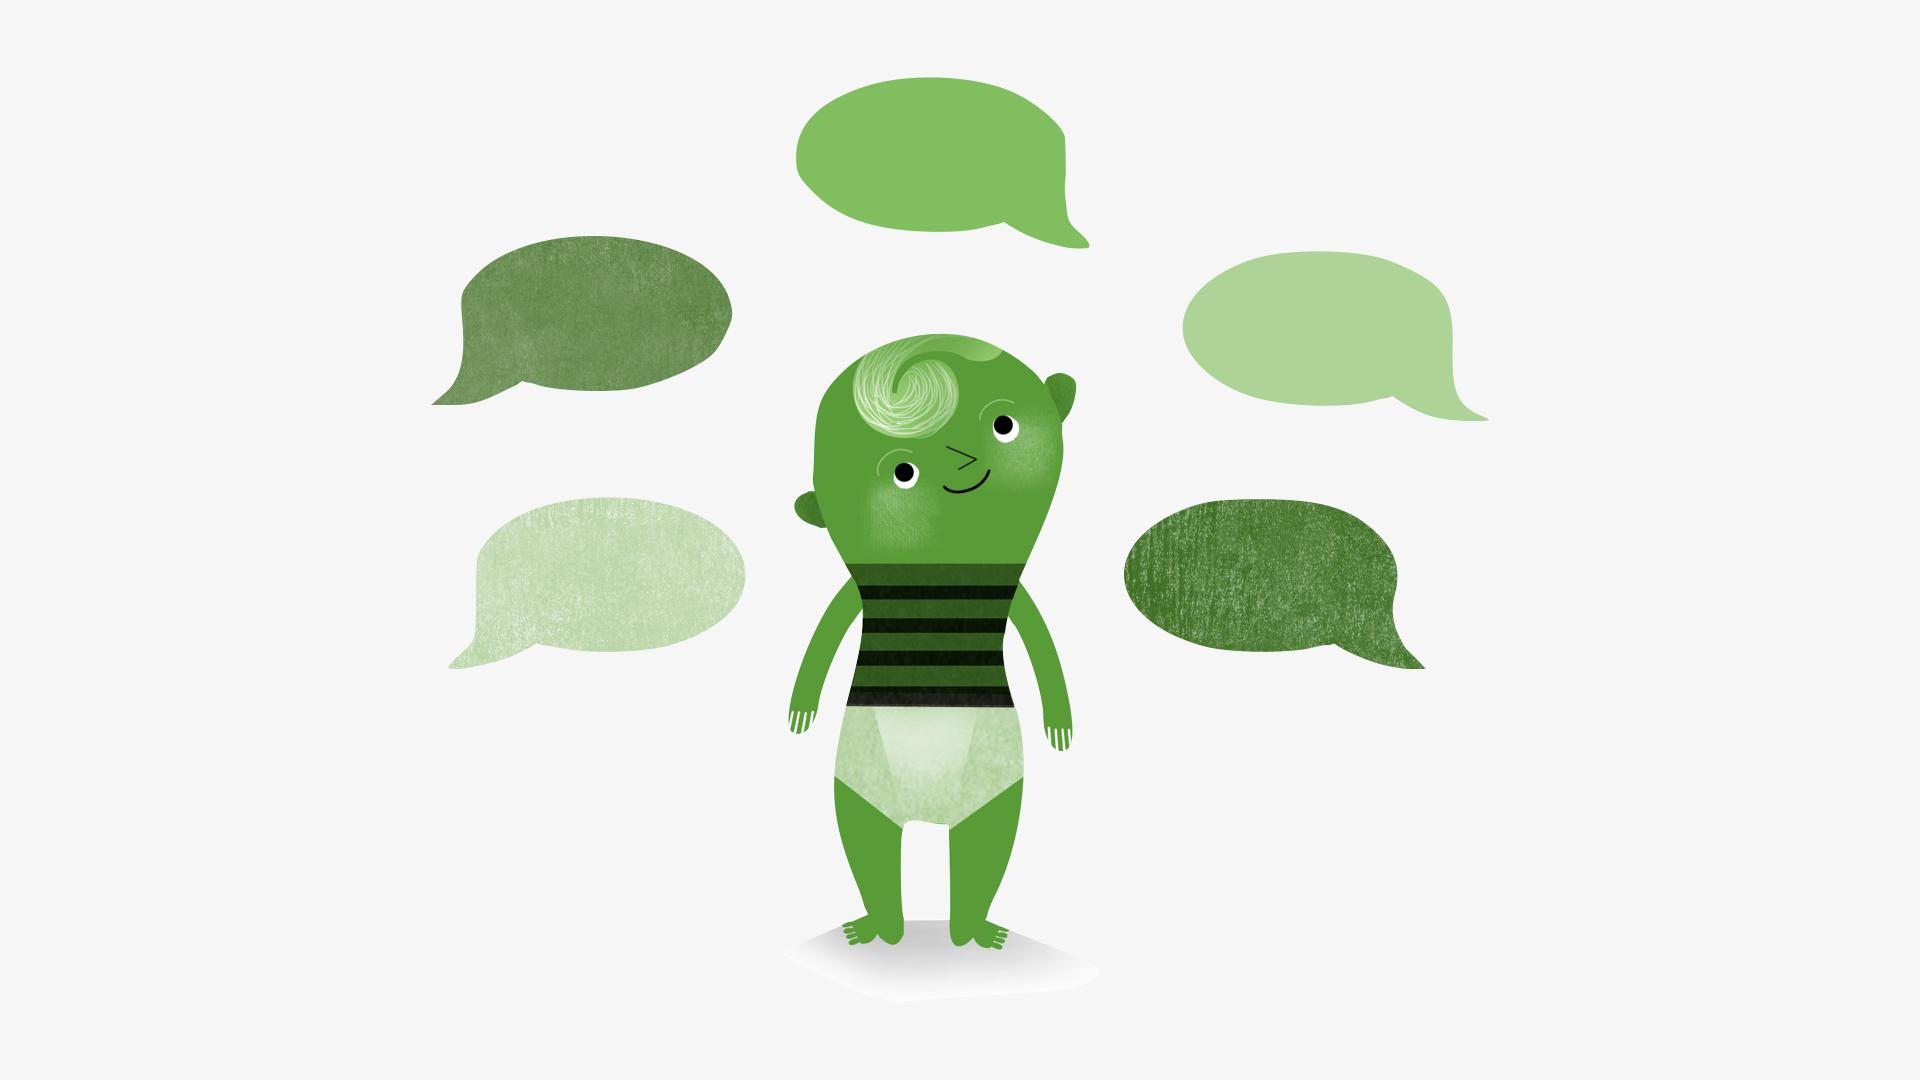 Aprender Linguagem: a importância dos gestos